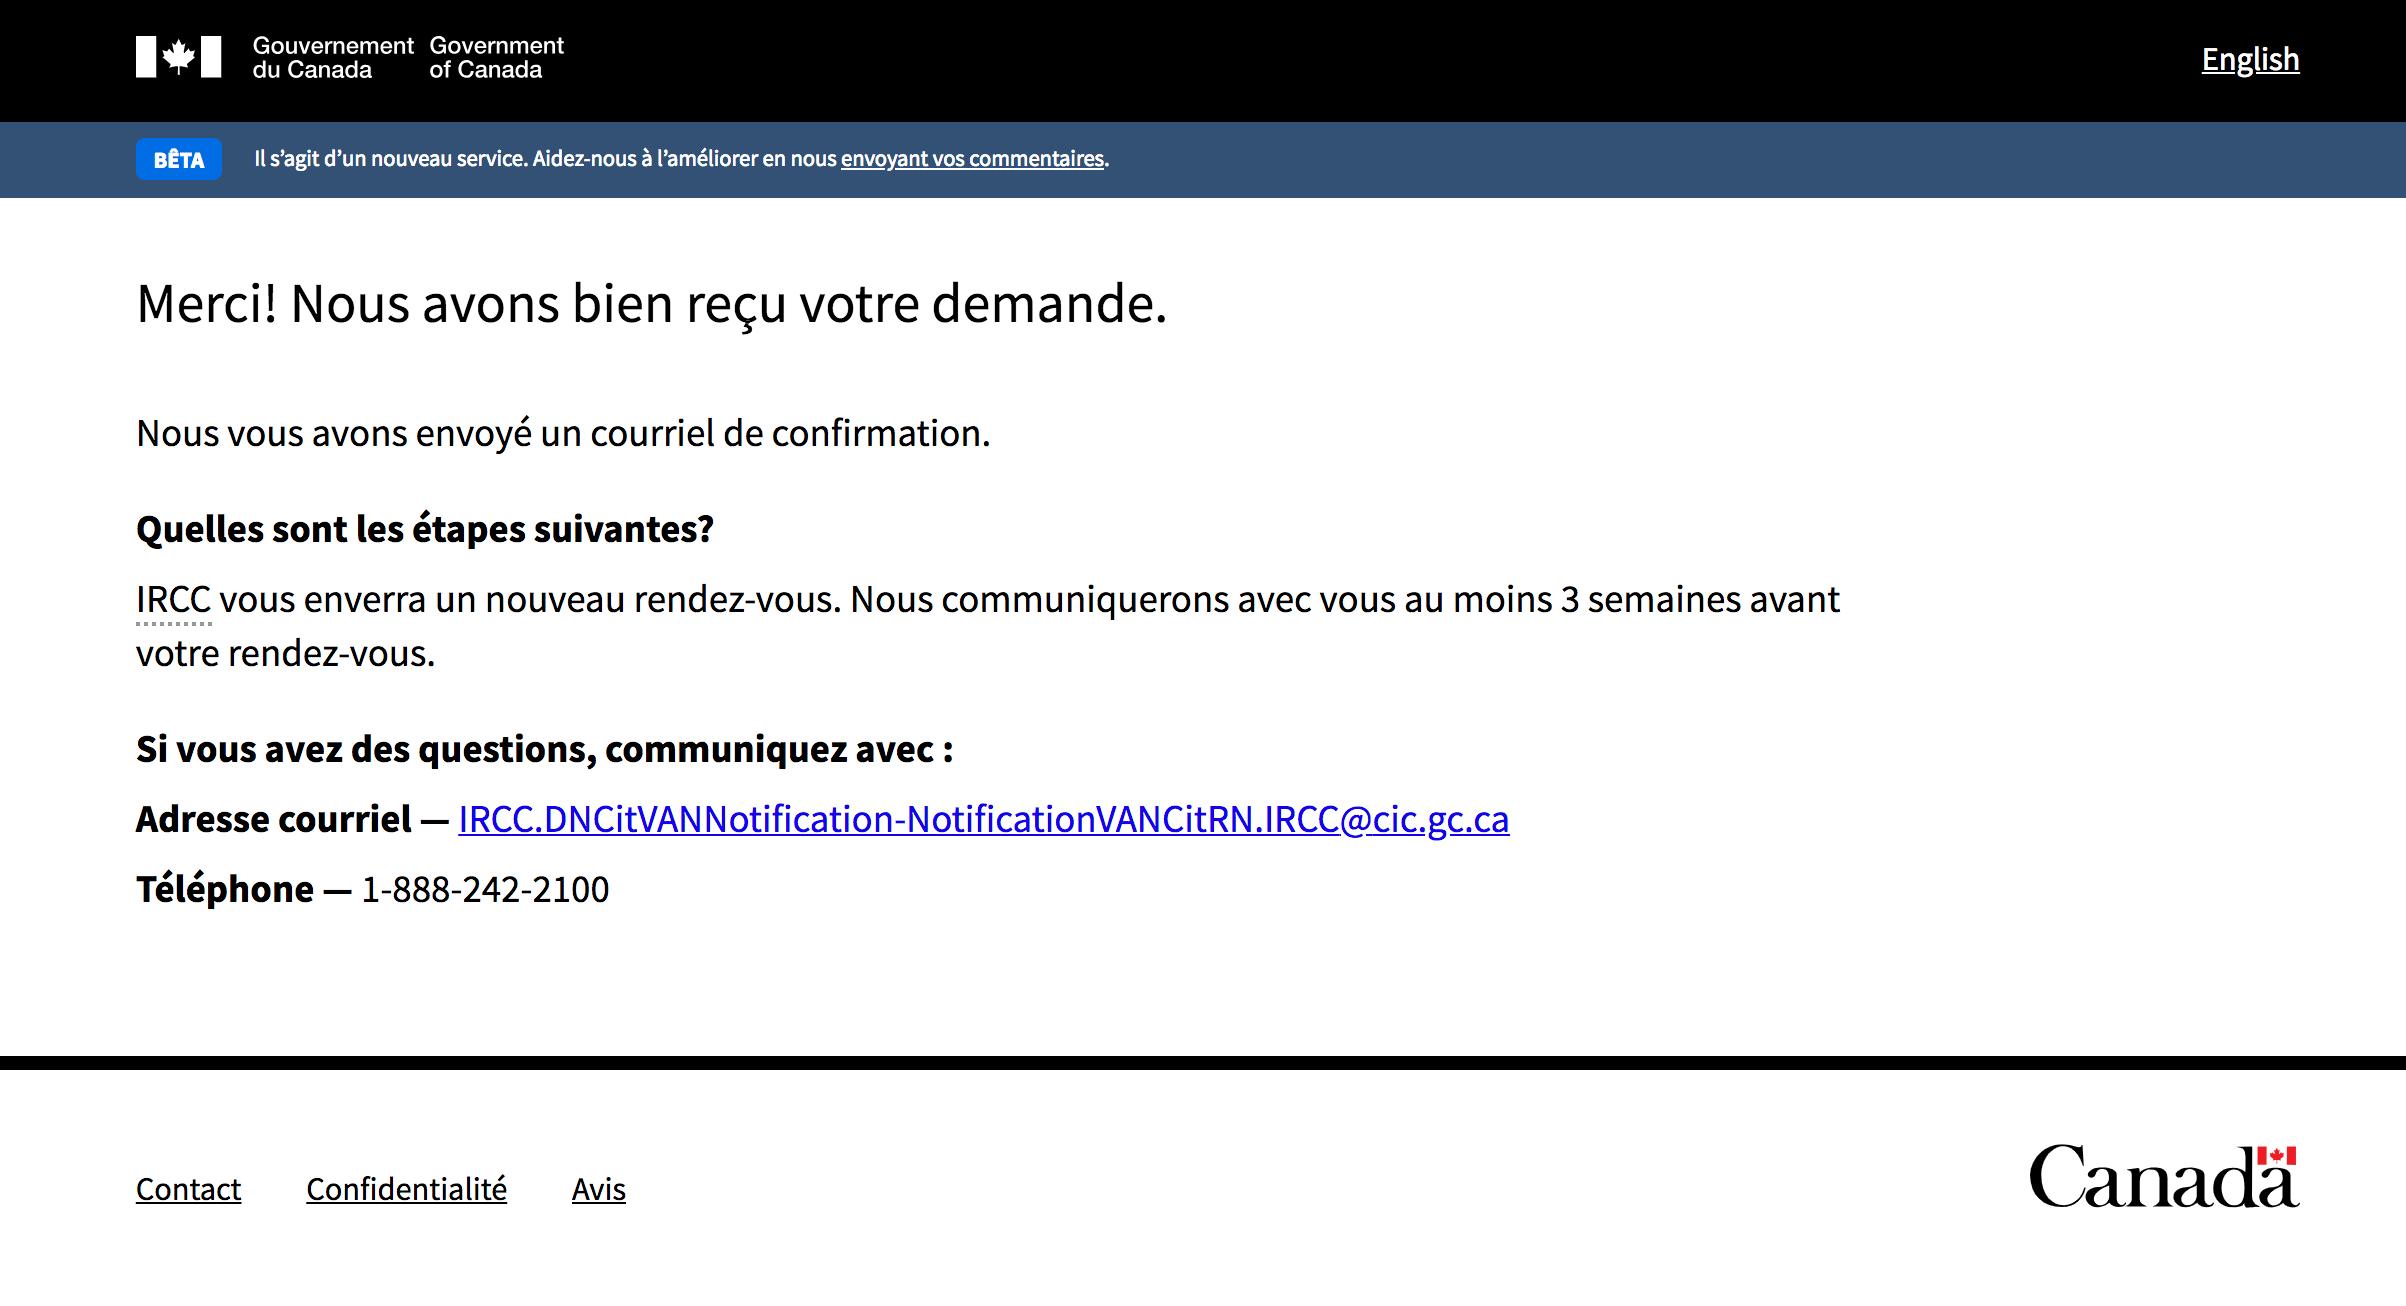 La page de confirmation indique que la demande a bien été reçue, les étapes suivantes et les coordonnées d'IRCC.